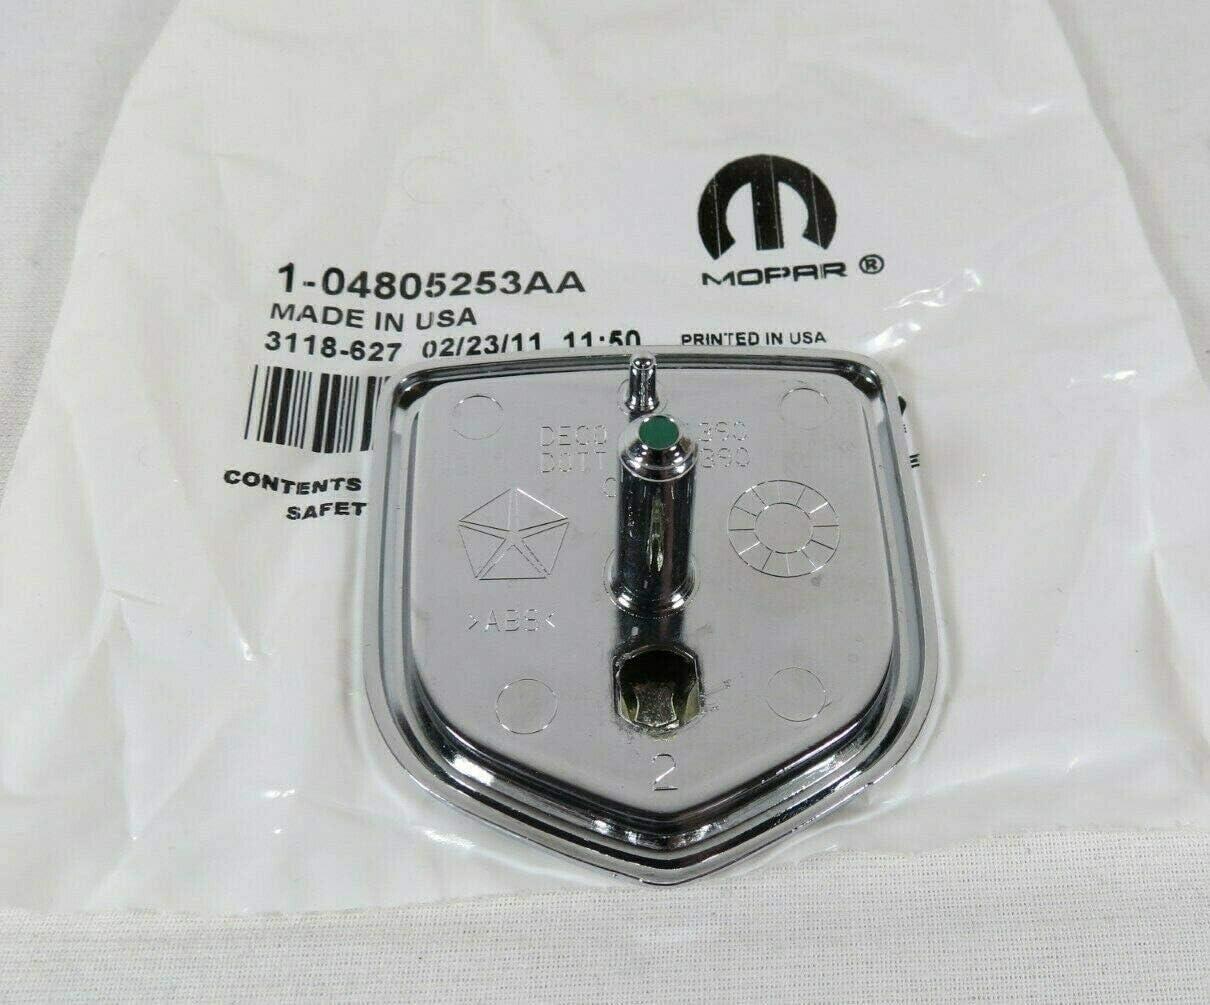 FLIGHTCOM Ear Cushions Seals Silicone Gel 103-0010-00 Earseals